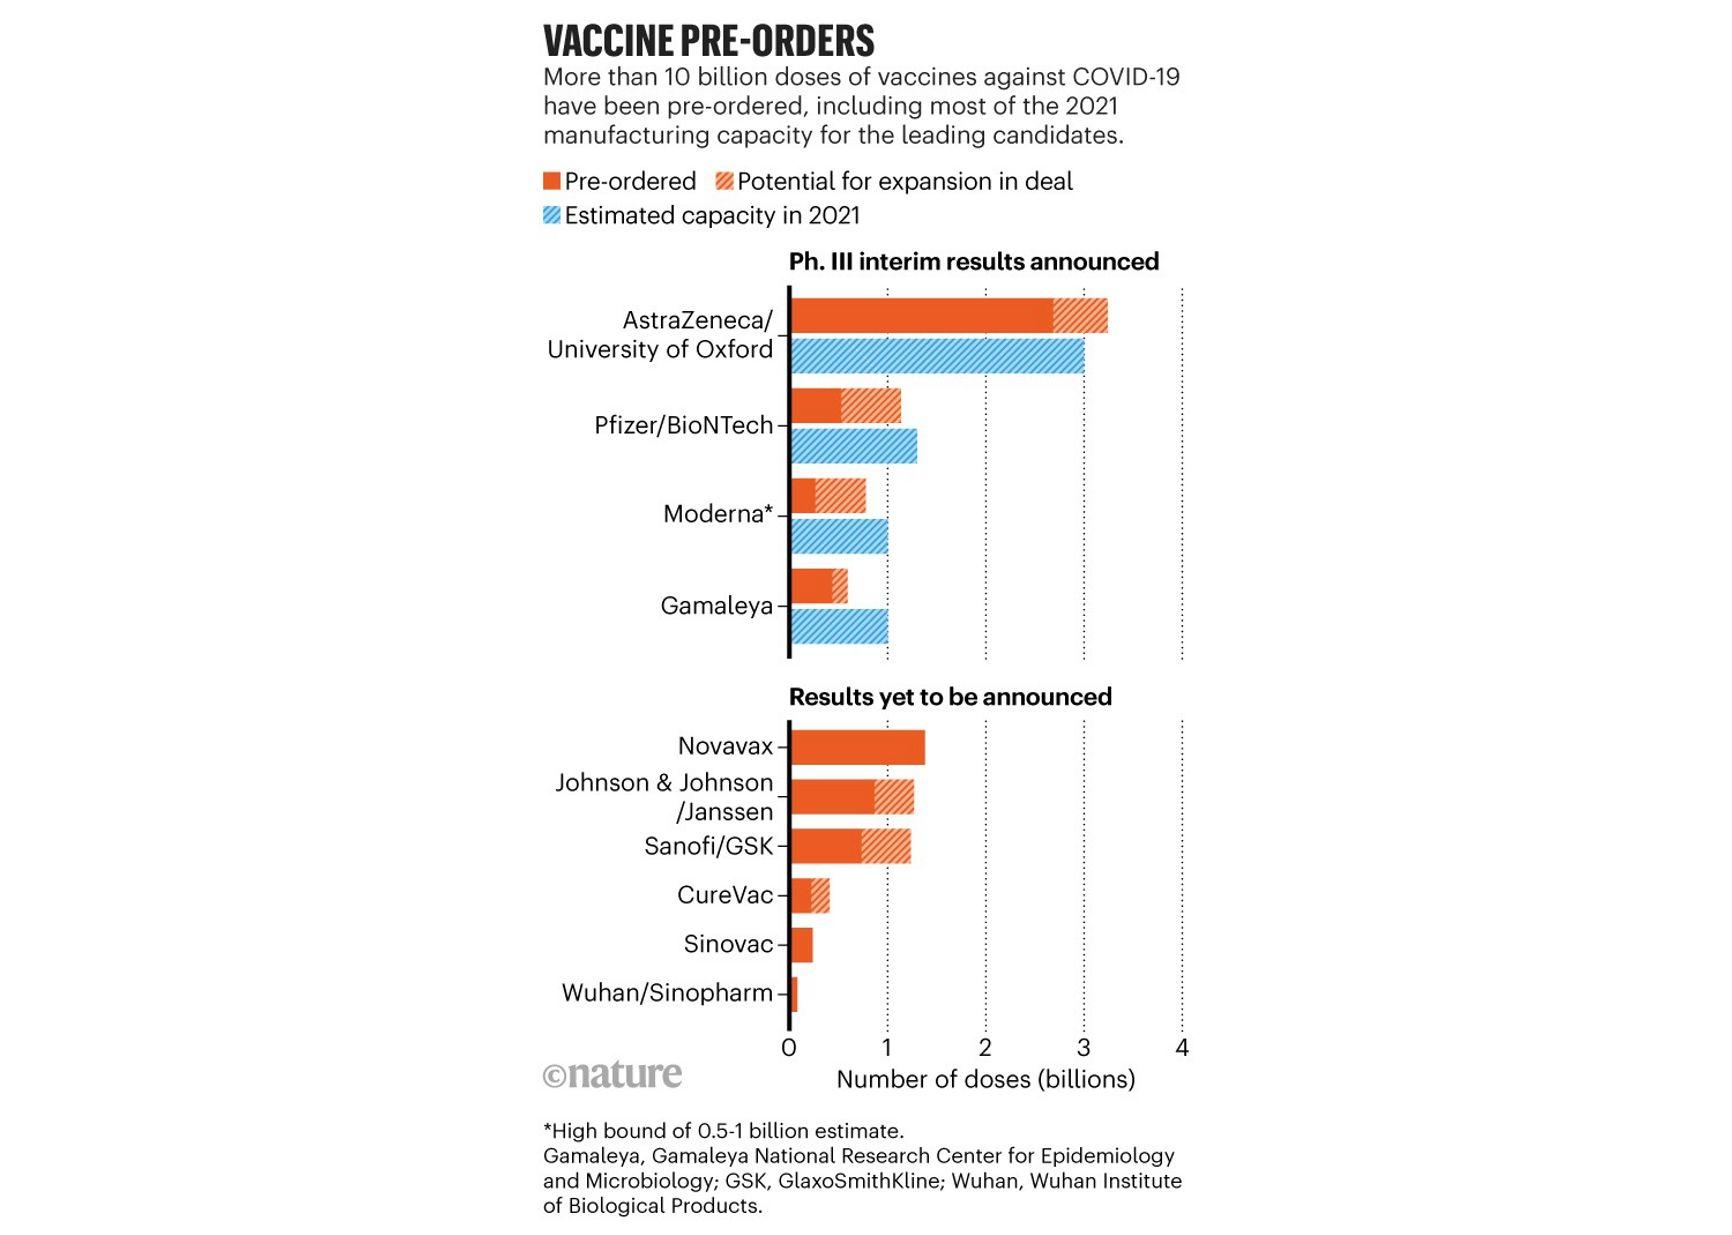 Предзаказы вакцин (оранжевые столбцы) по сравнению с обещанными объёмами производства (голубые столбцы). Штриховка – дополнительные контракты.